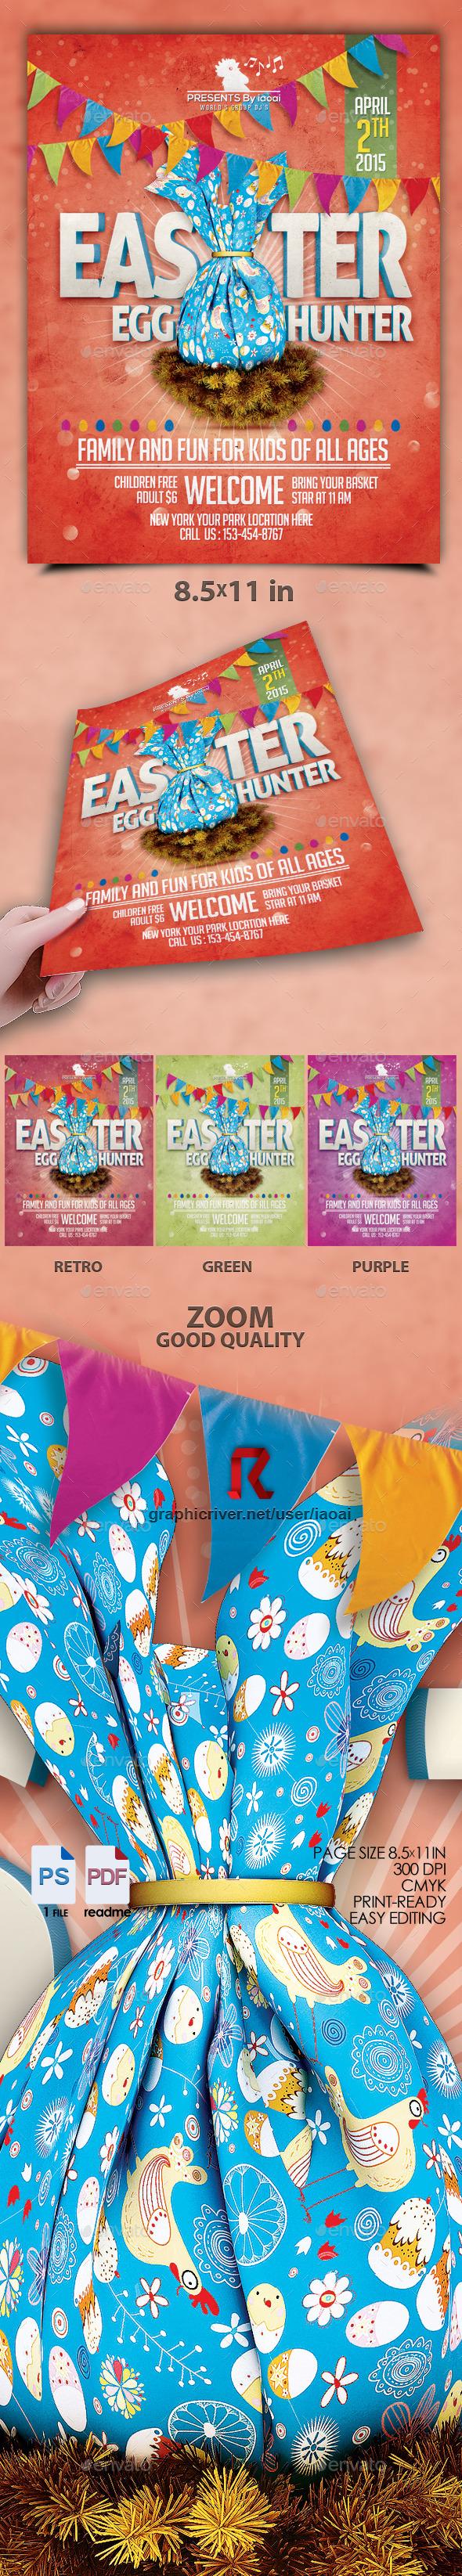 GraphicRiver Easter Egg Flyer Vol 1 10772384